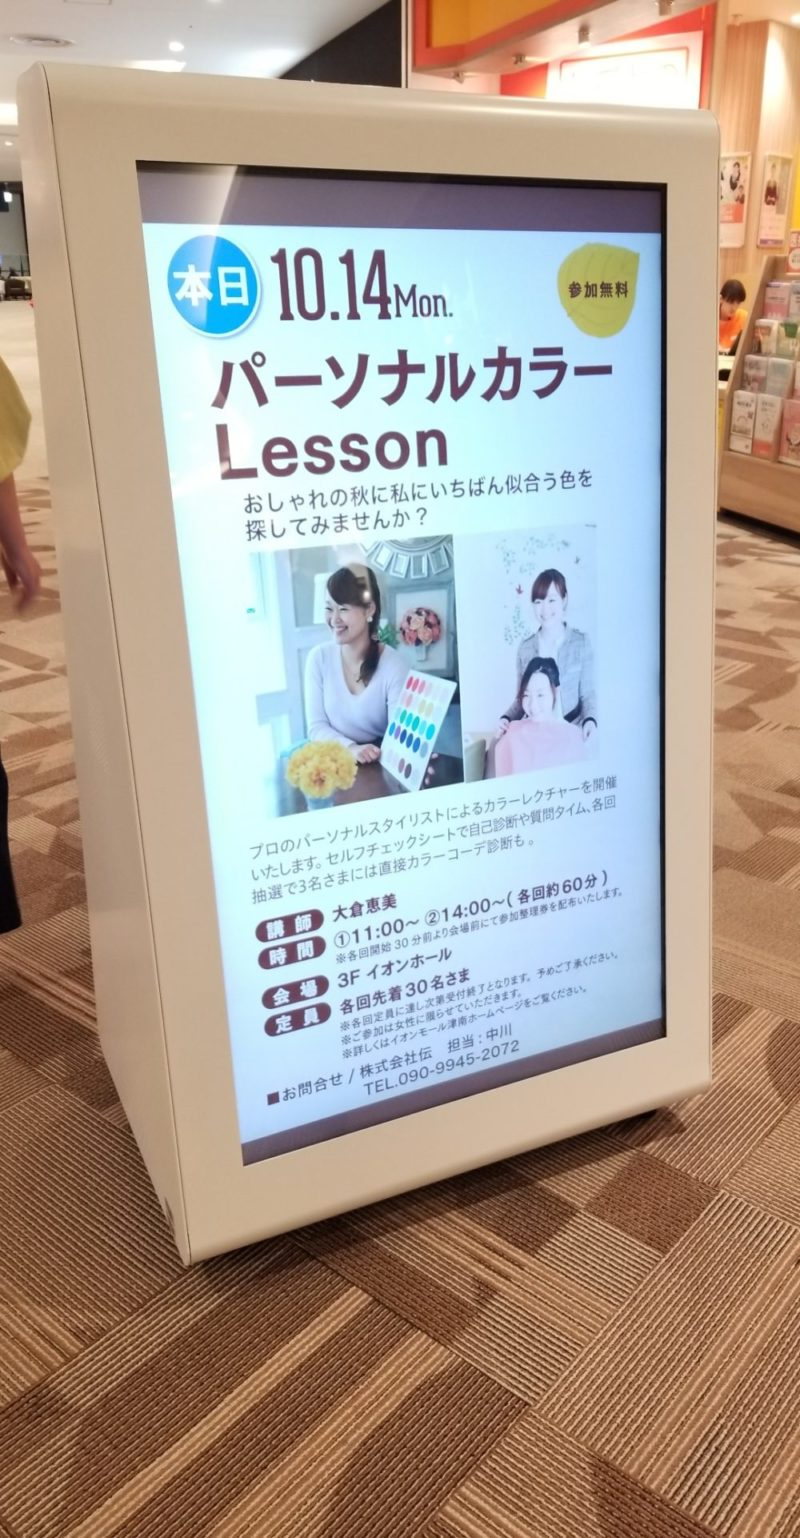 【起業様との仕事】イオンモール津南様にてパーソナルカラーlesson